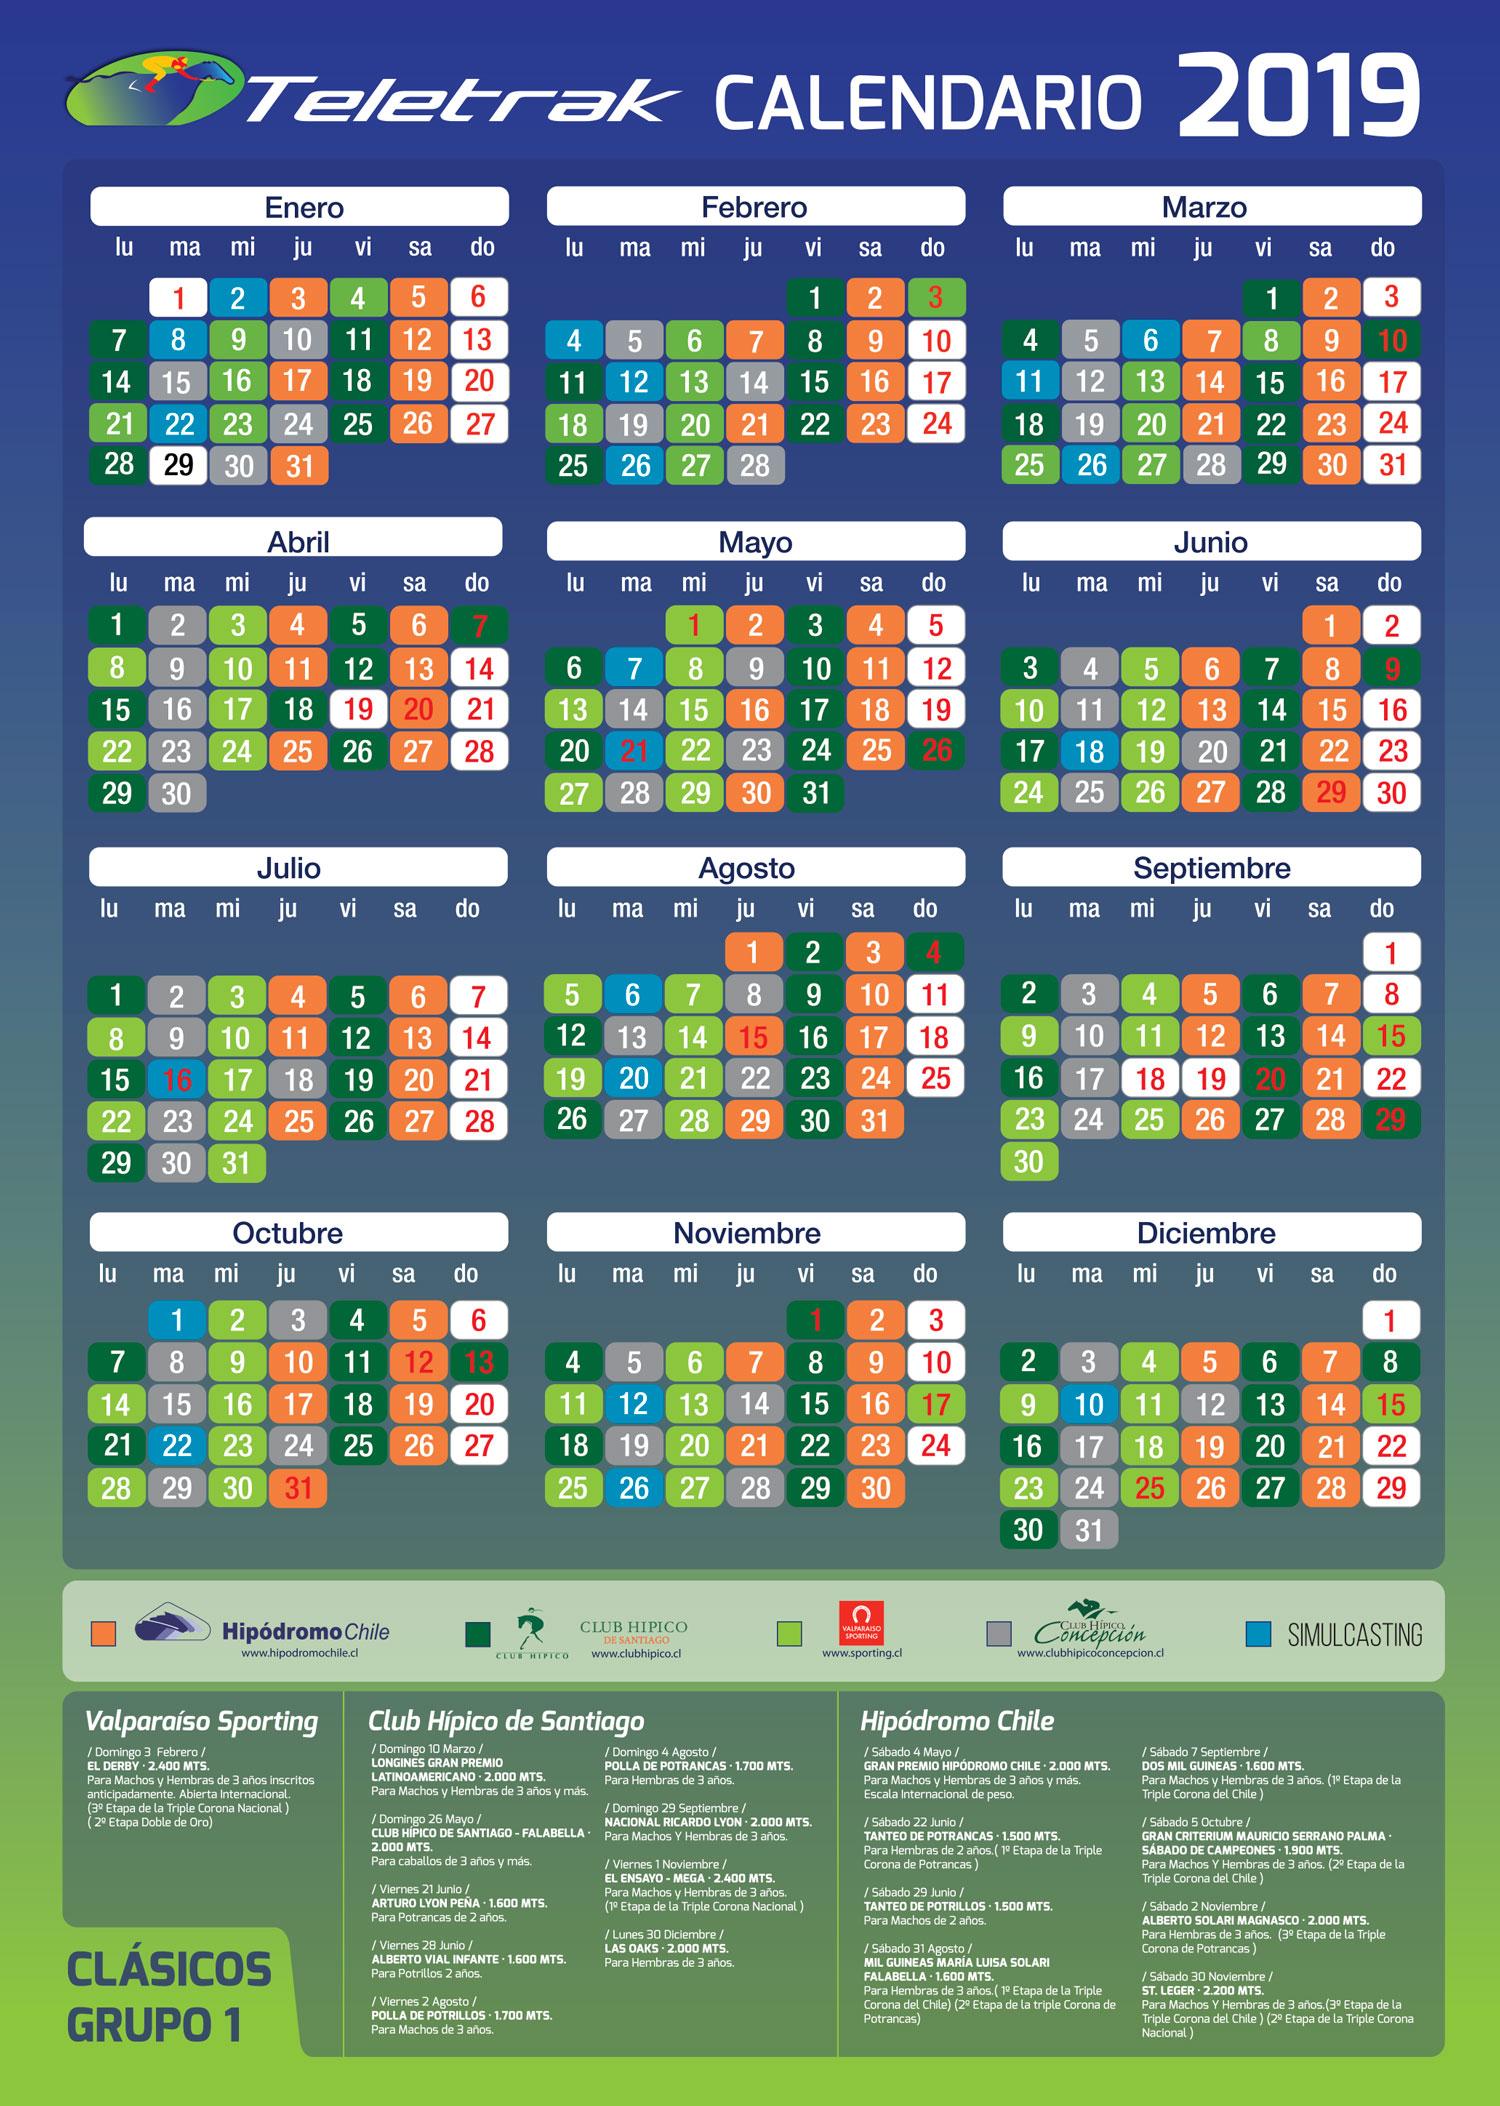 Calendario Diciembre 2018 Chile.Calendario Teletrak